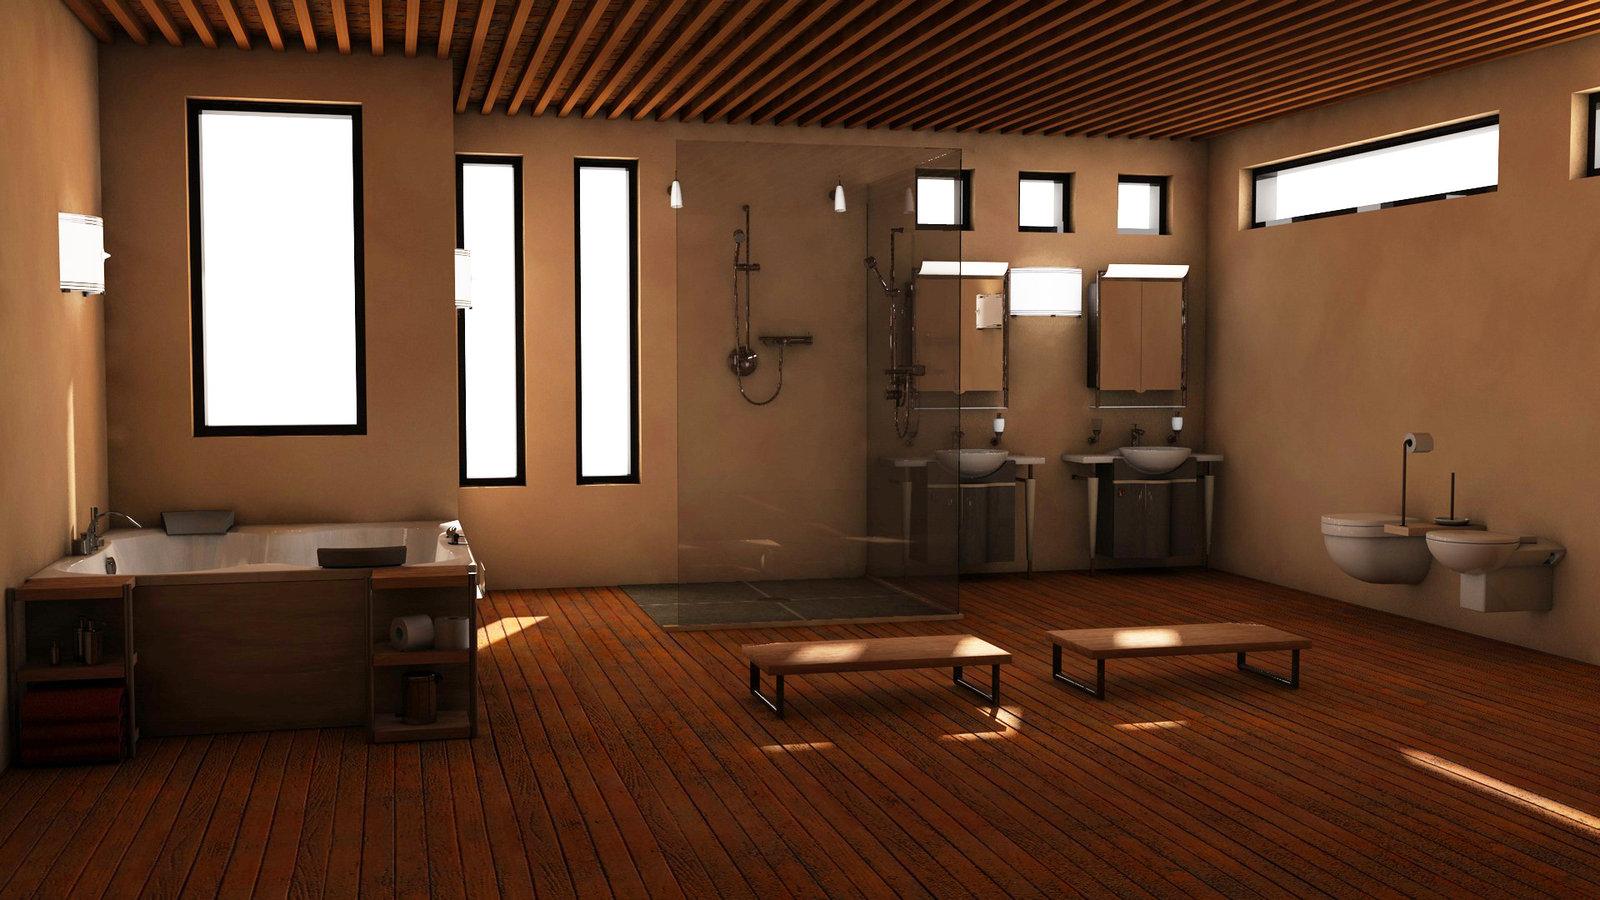 Salle De Bain Japonais ~ stunning decoration salle de bain japonaise pictures home ideas